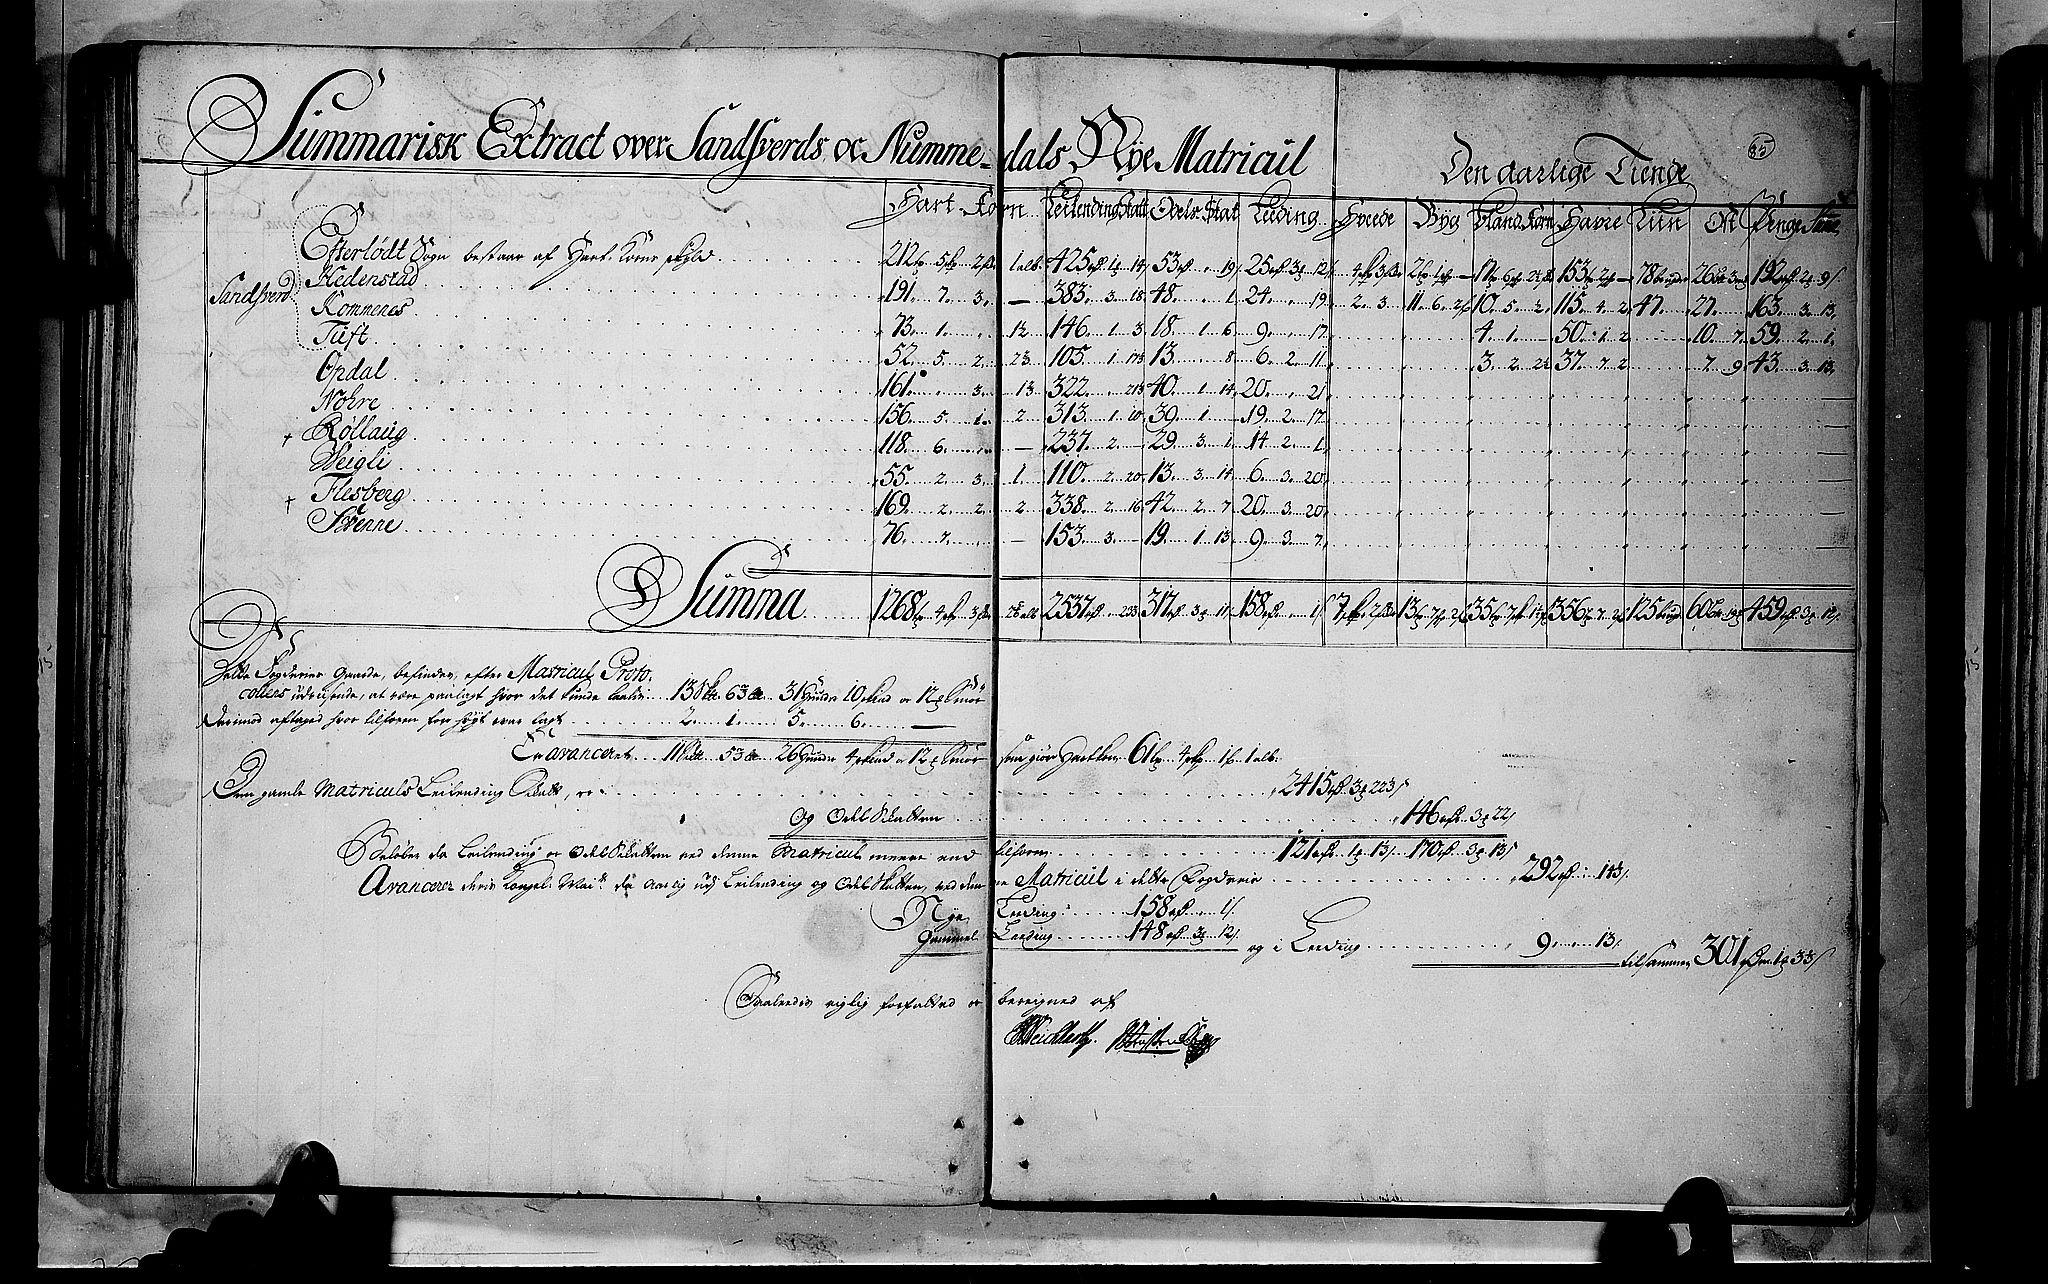 RA, Rentekammeret inntil 1814, Realistisk ordnet avdeling, N/Nb/Nbf/L0114: Numedal og Sandsvær matrikkelprotokoll, 1723, s. 84b-85a